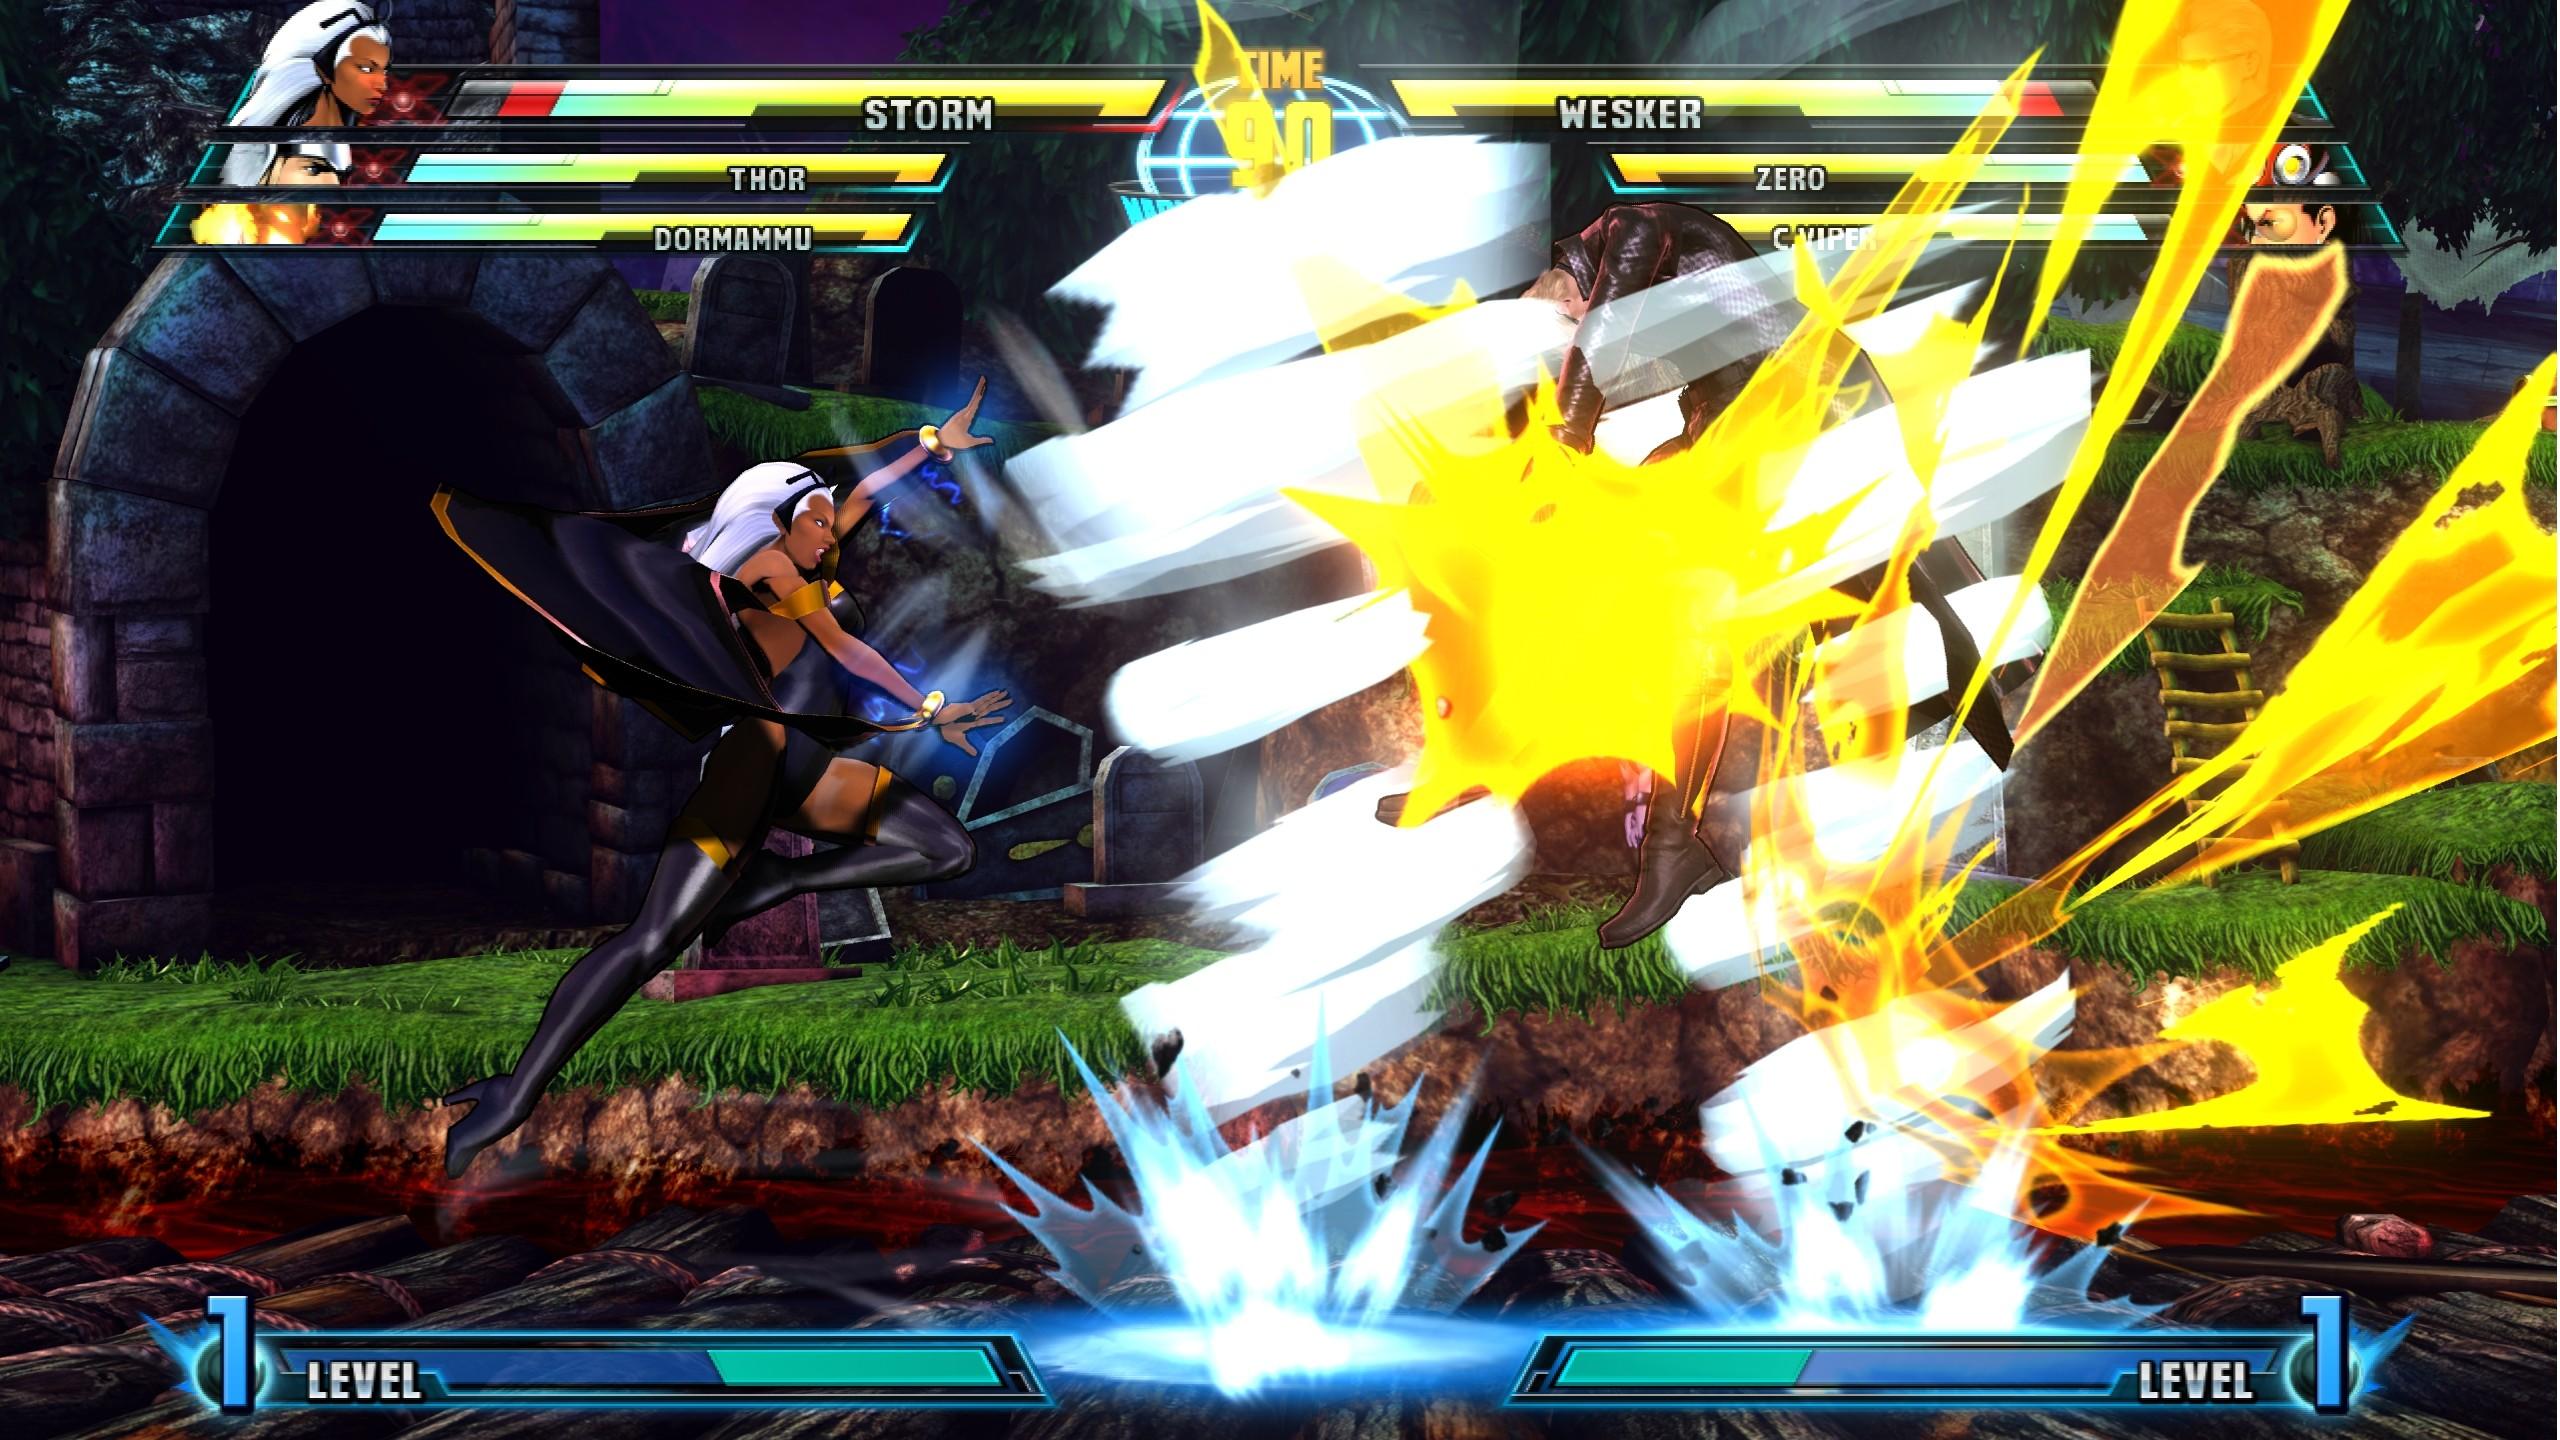 Marvel vs. Capcom 3: Fate of Two Worlds - Marvel vs. Capcom 3: Fate of Two Worlds 2K